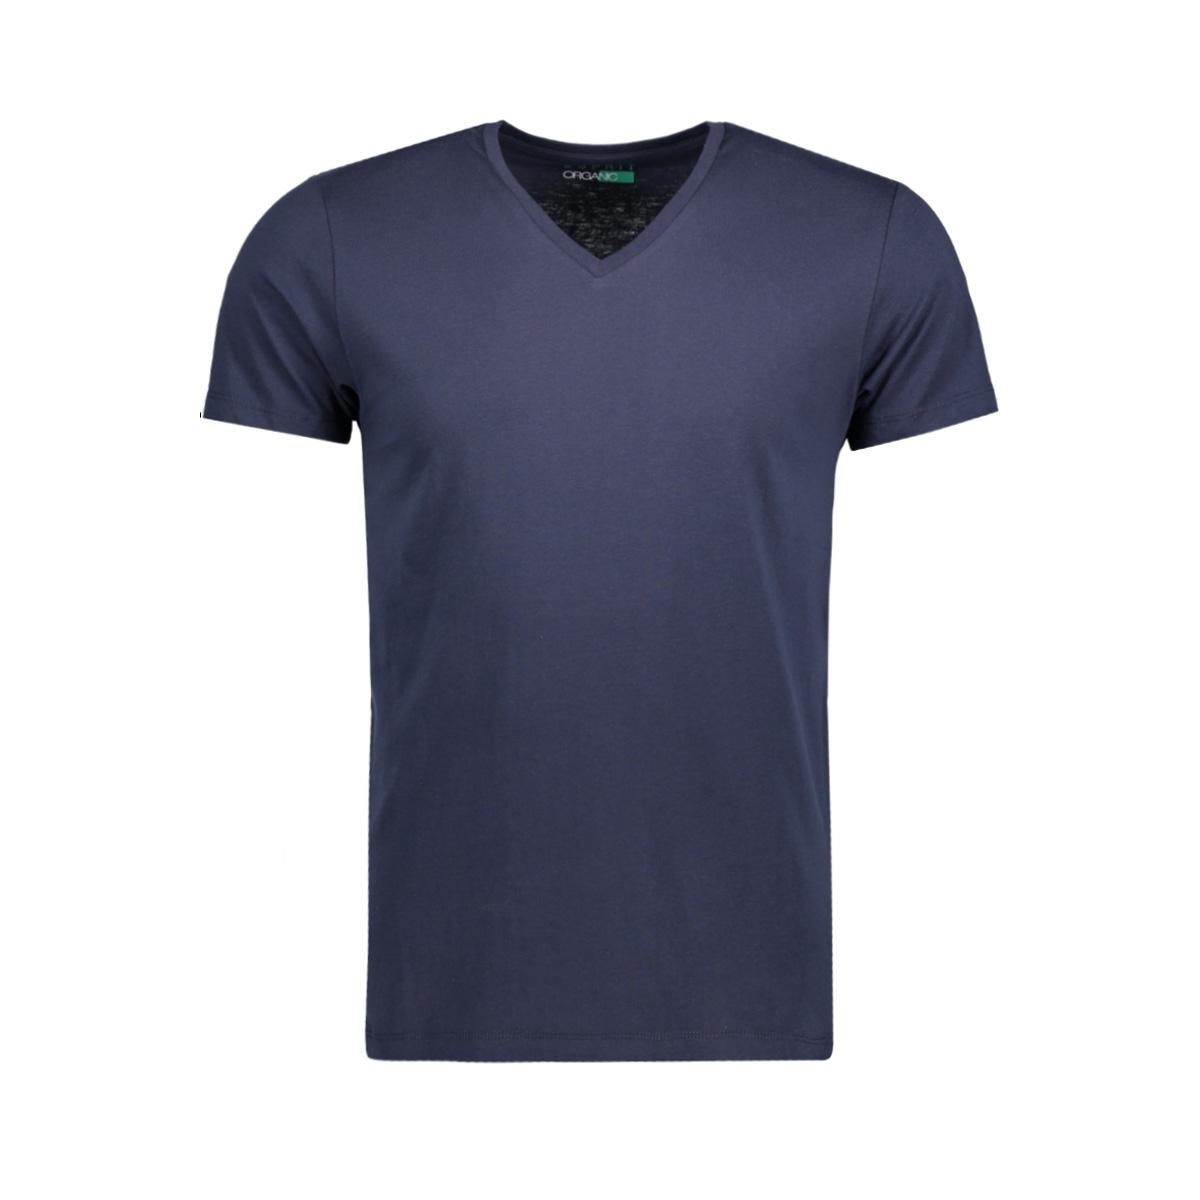 997ee2k821 esprit t-shirt e400